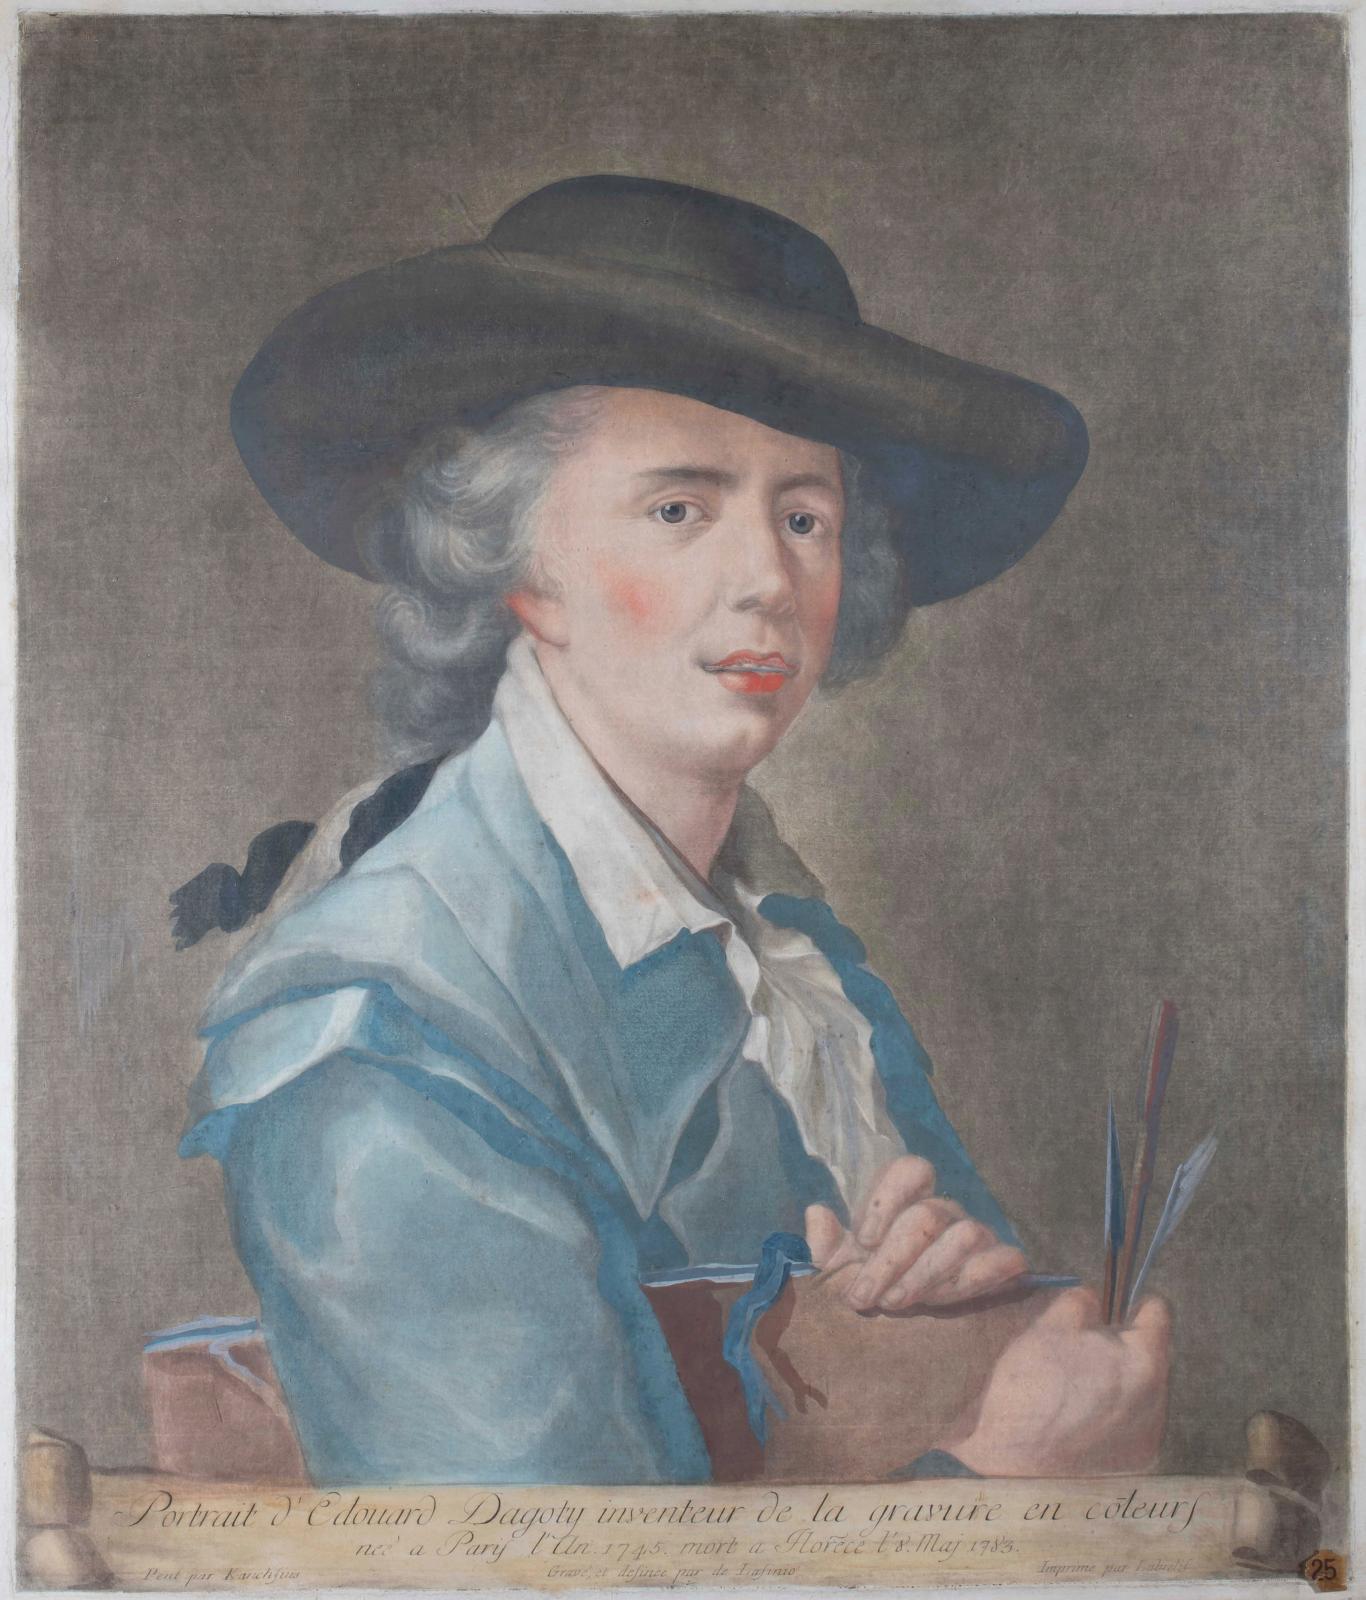 Ce Portrait d'Édouard Dagoty, daté 1783, par Carlo Lasinio (1759-1838), manière noire, d'après Hensius, impression en couleurs, rend homma